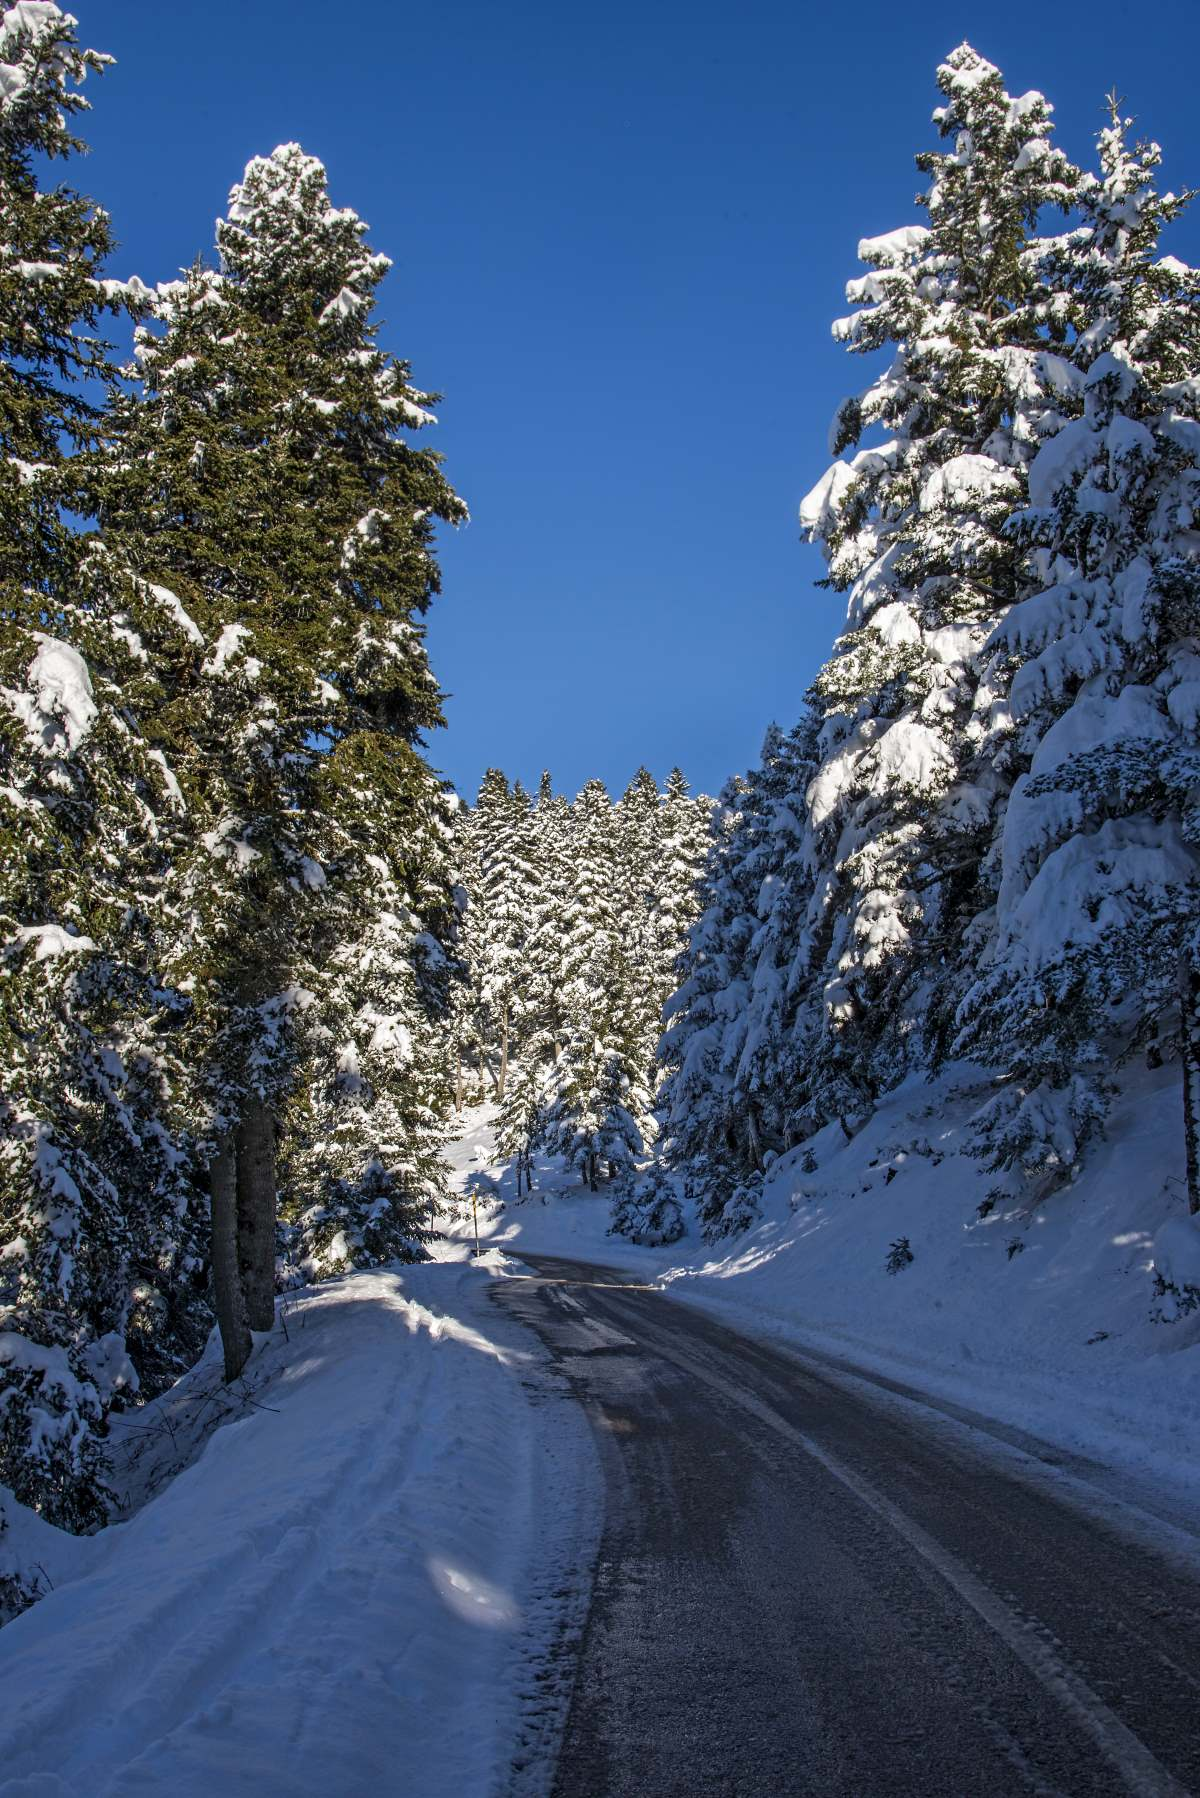 Η διαδρομή Καρπενήσι Κρίκελλο μέσα στο υπέροχο χιονισμένο τοπίο